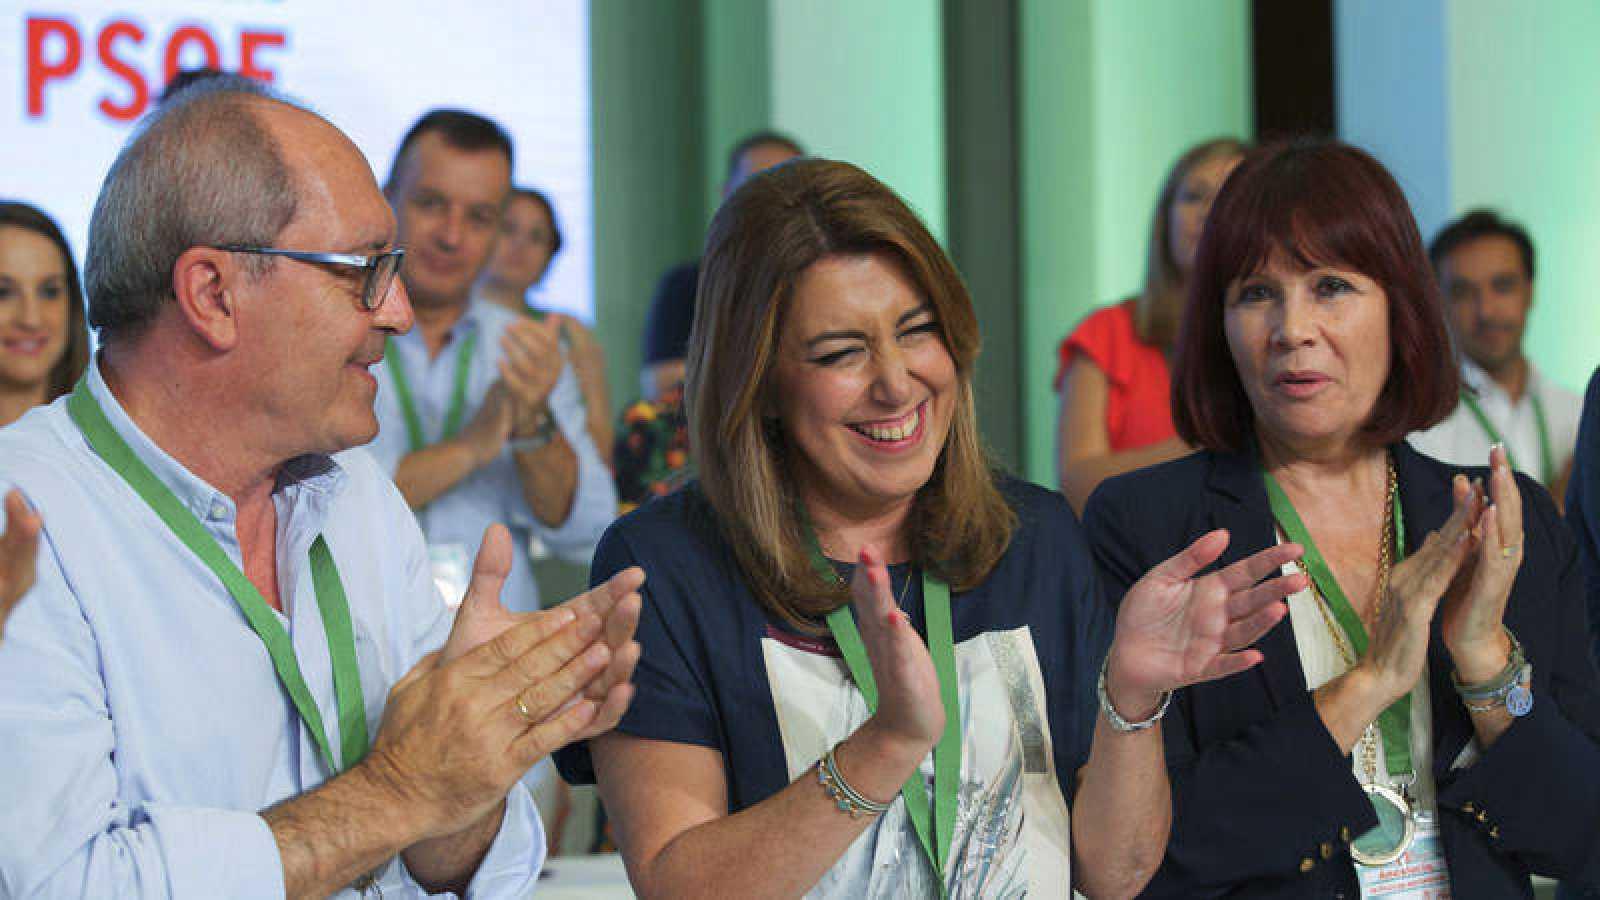 La presidenta andaluza y secretaria general del PSOE-A, Susana Díaz, junto al secretario de organización, Juan Cornejo, y la presidenta de los socialistas andaluces, Micaela Navarro